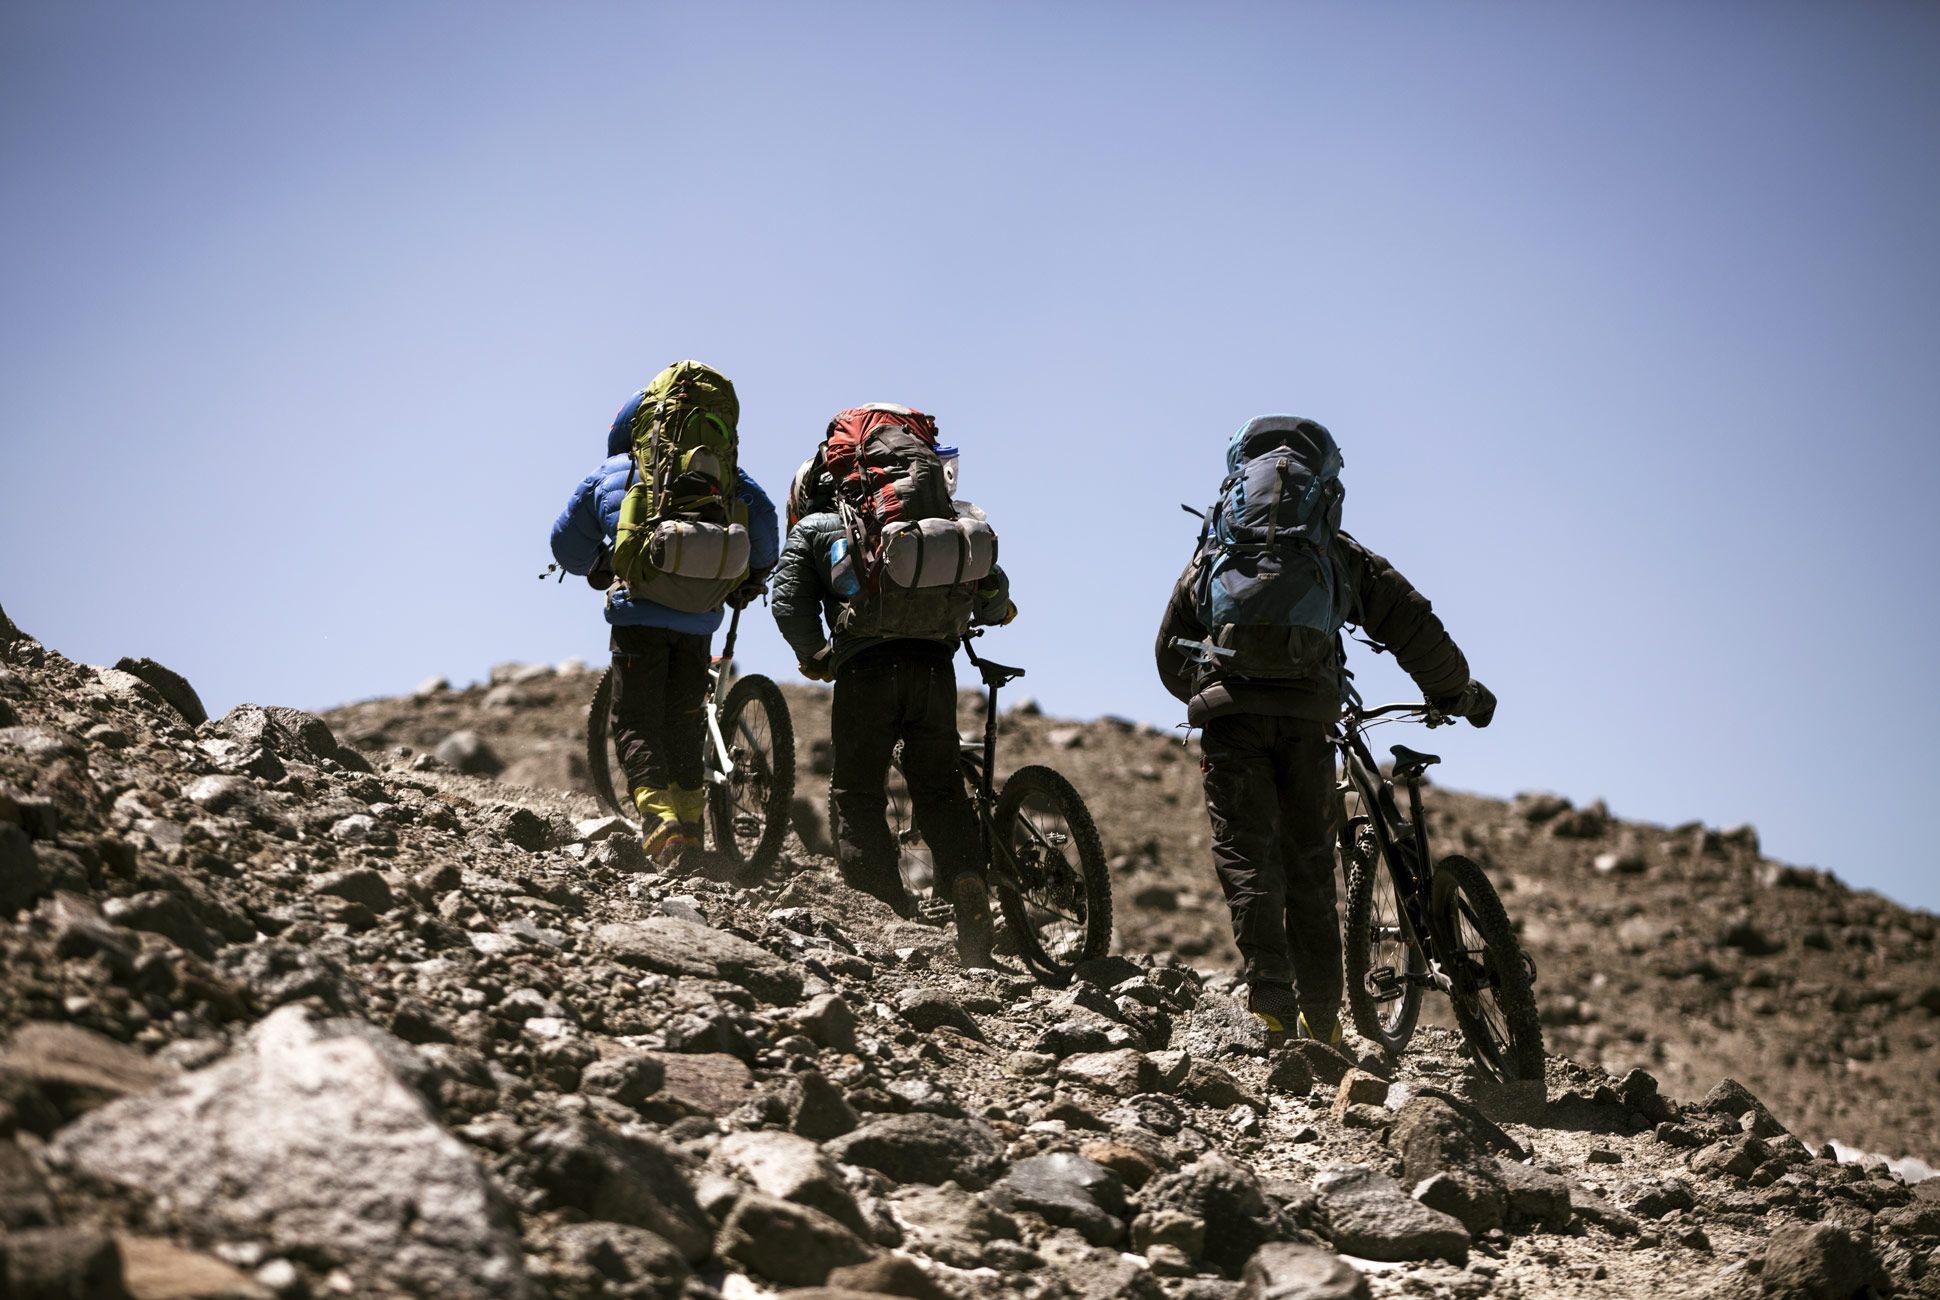 Volcano-Hike-Bike-Gear-Patrol-15